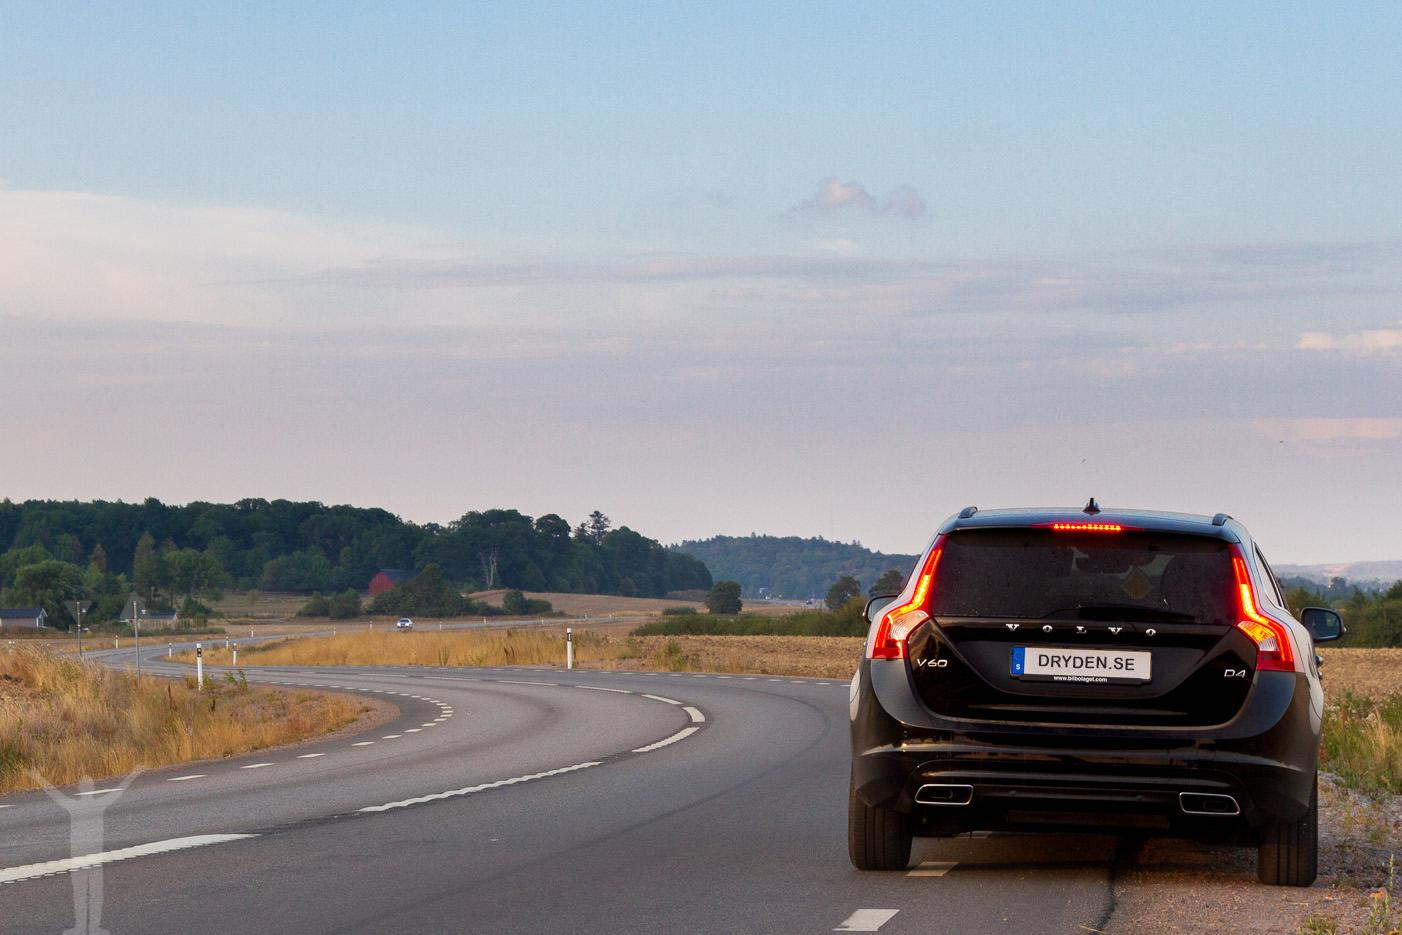 Volvo V60 D4 och en roadtrip i södra Sverige.